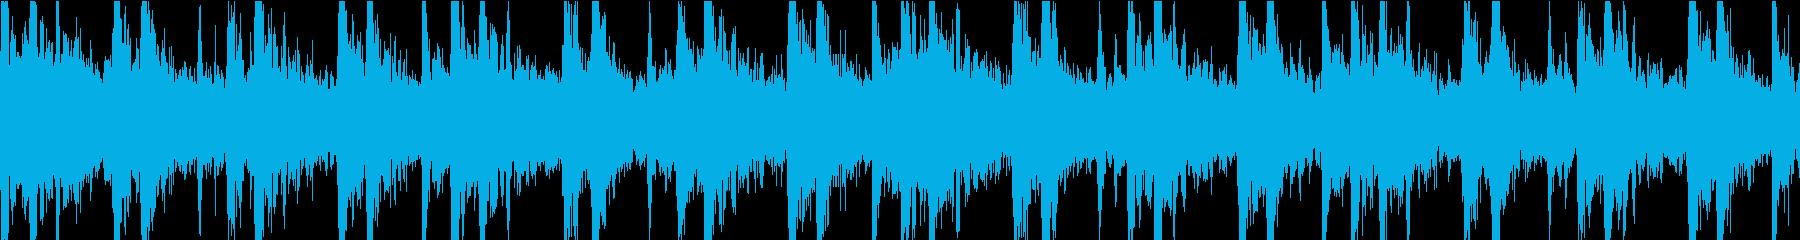 神秘的でアンビエントなエスニック/...の再生済みの波形